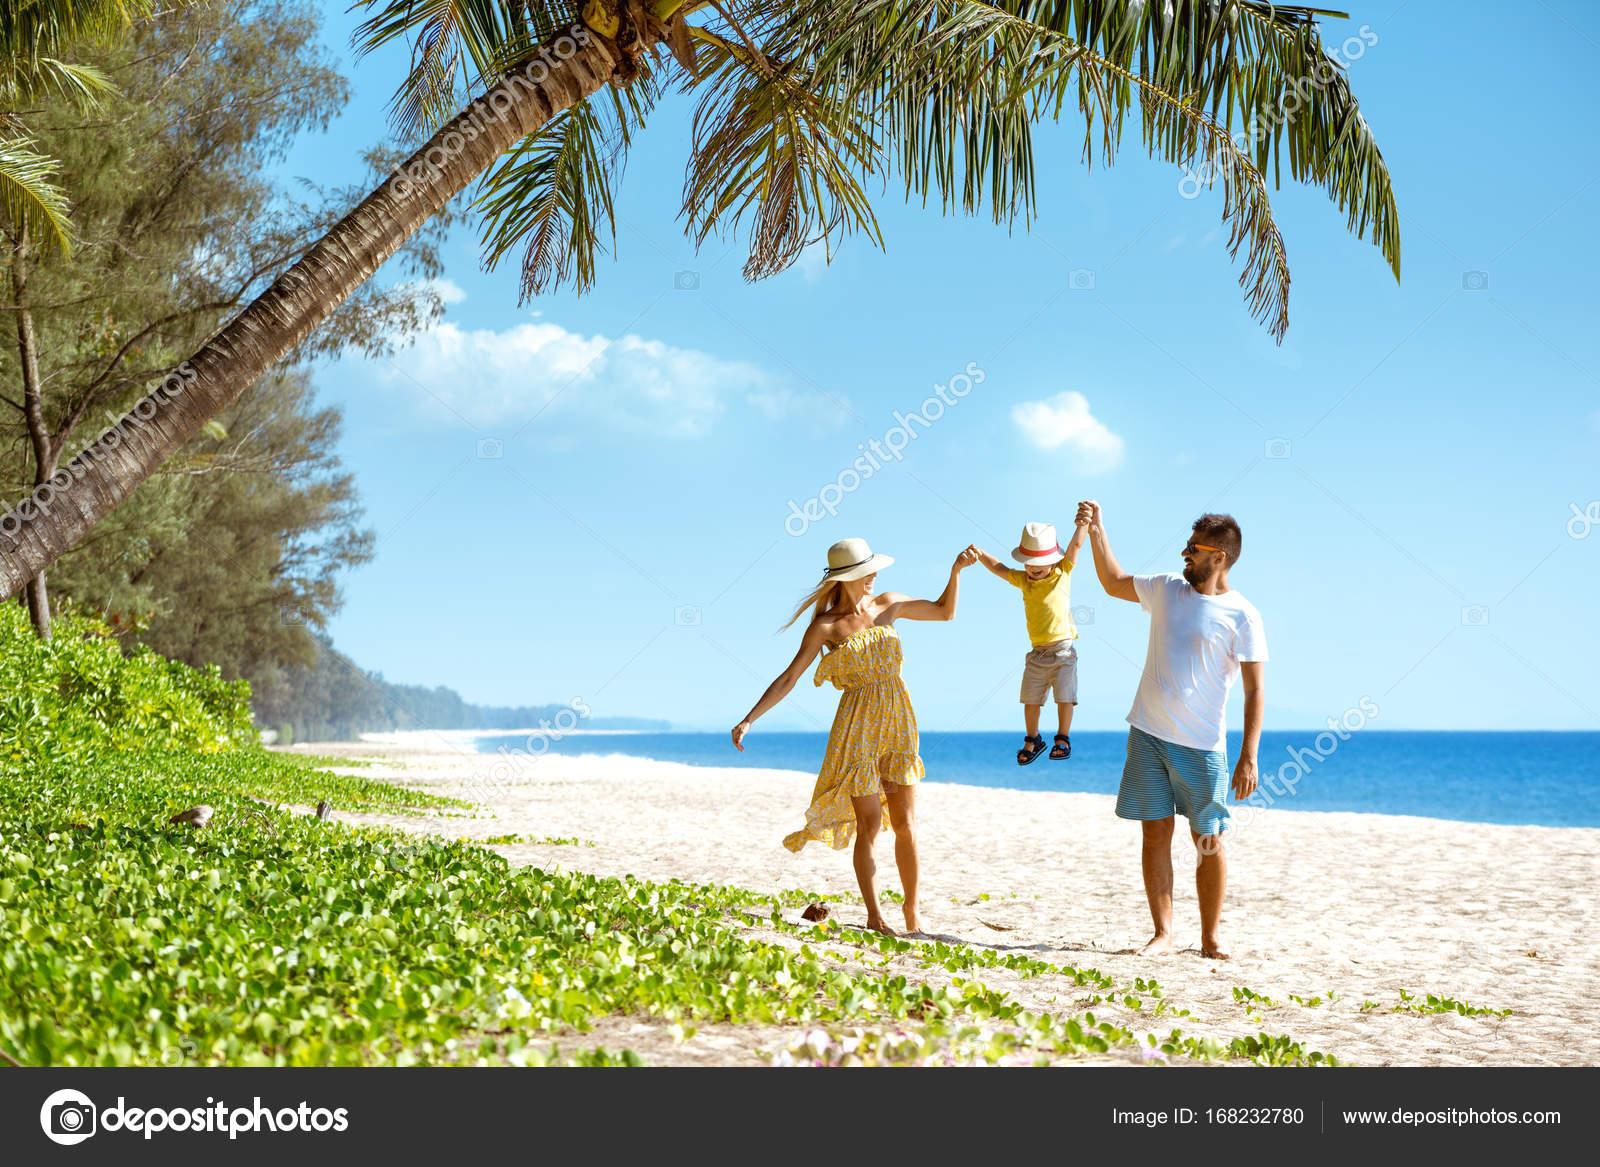 Speed dating hawaii